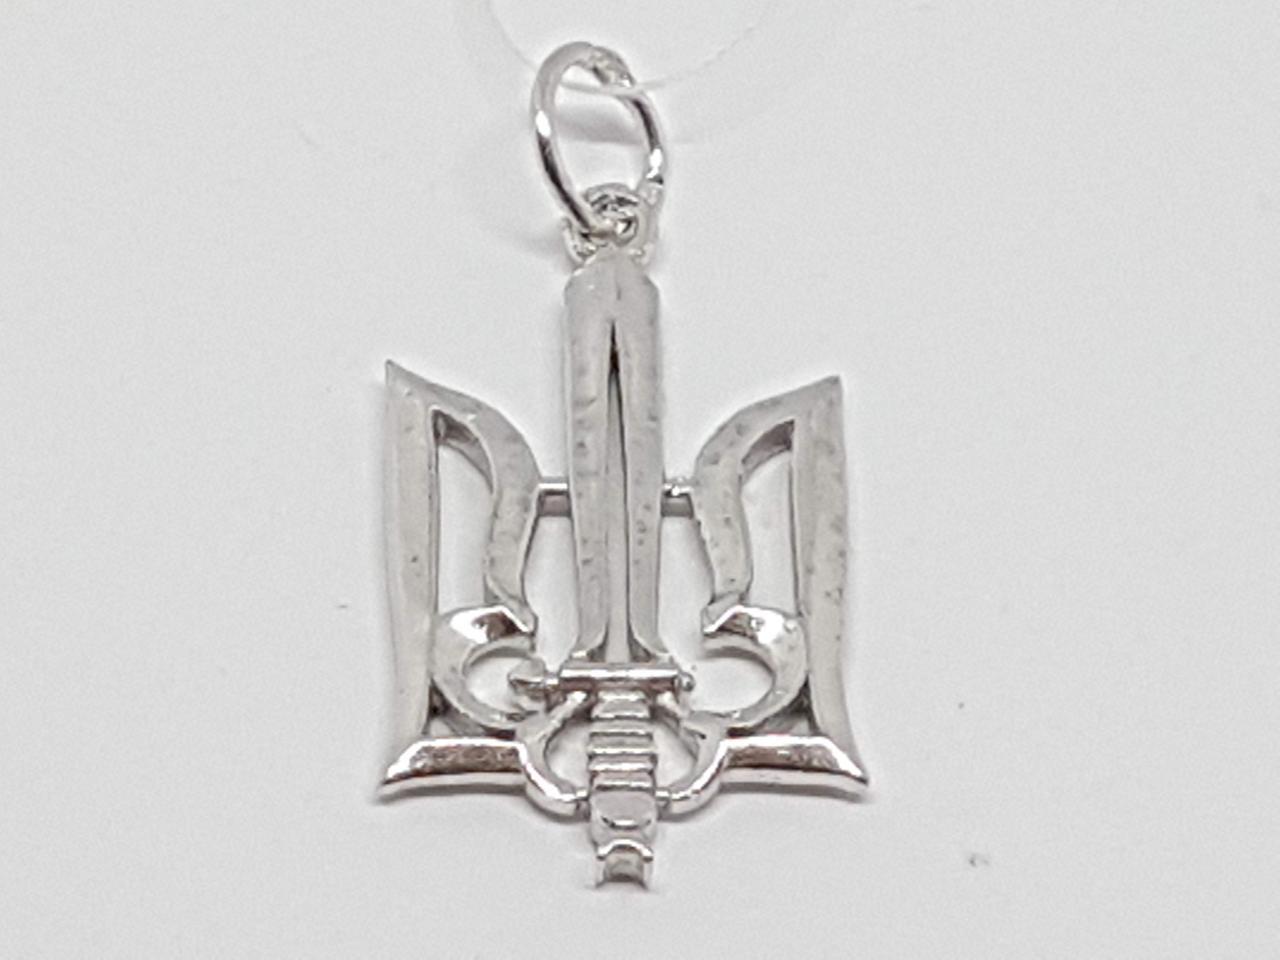 Серебряная подвеска Трезубец. Артикул 3609Р